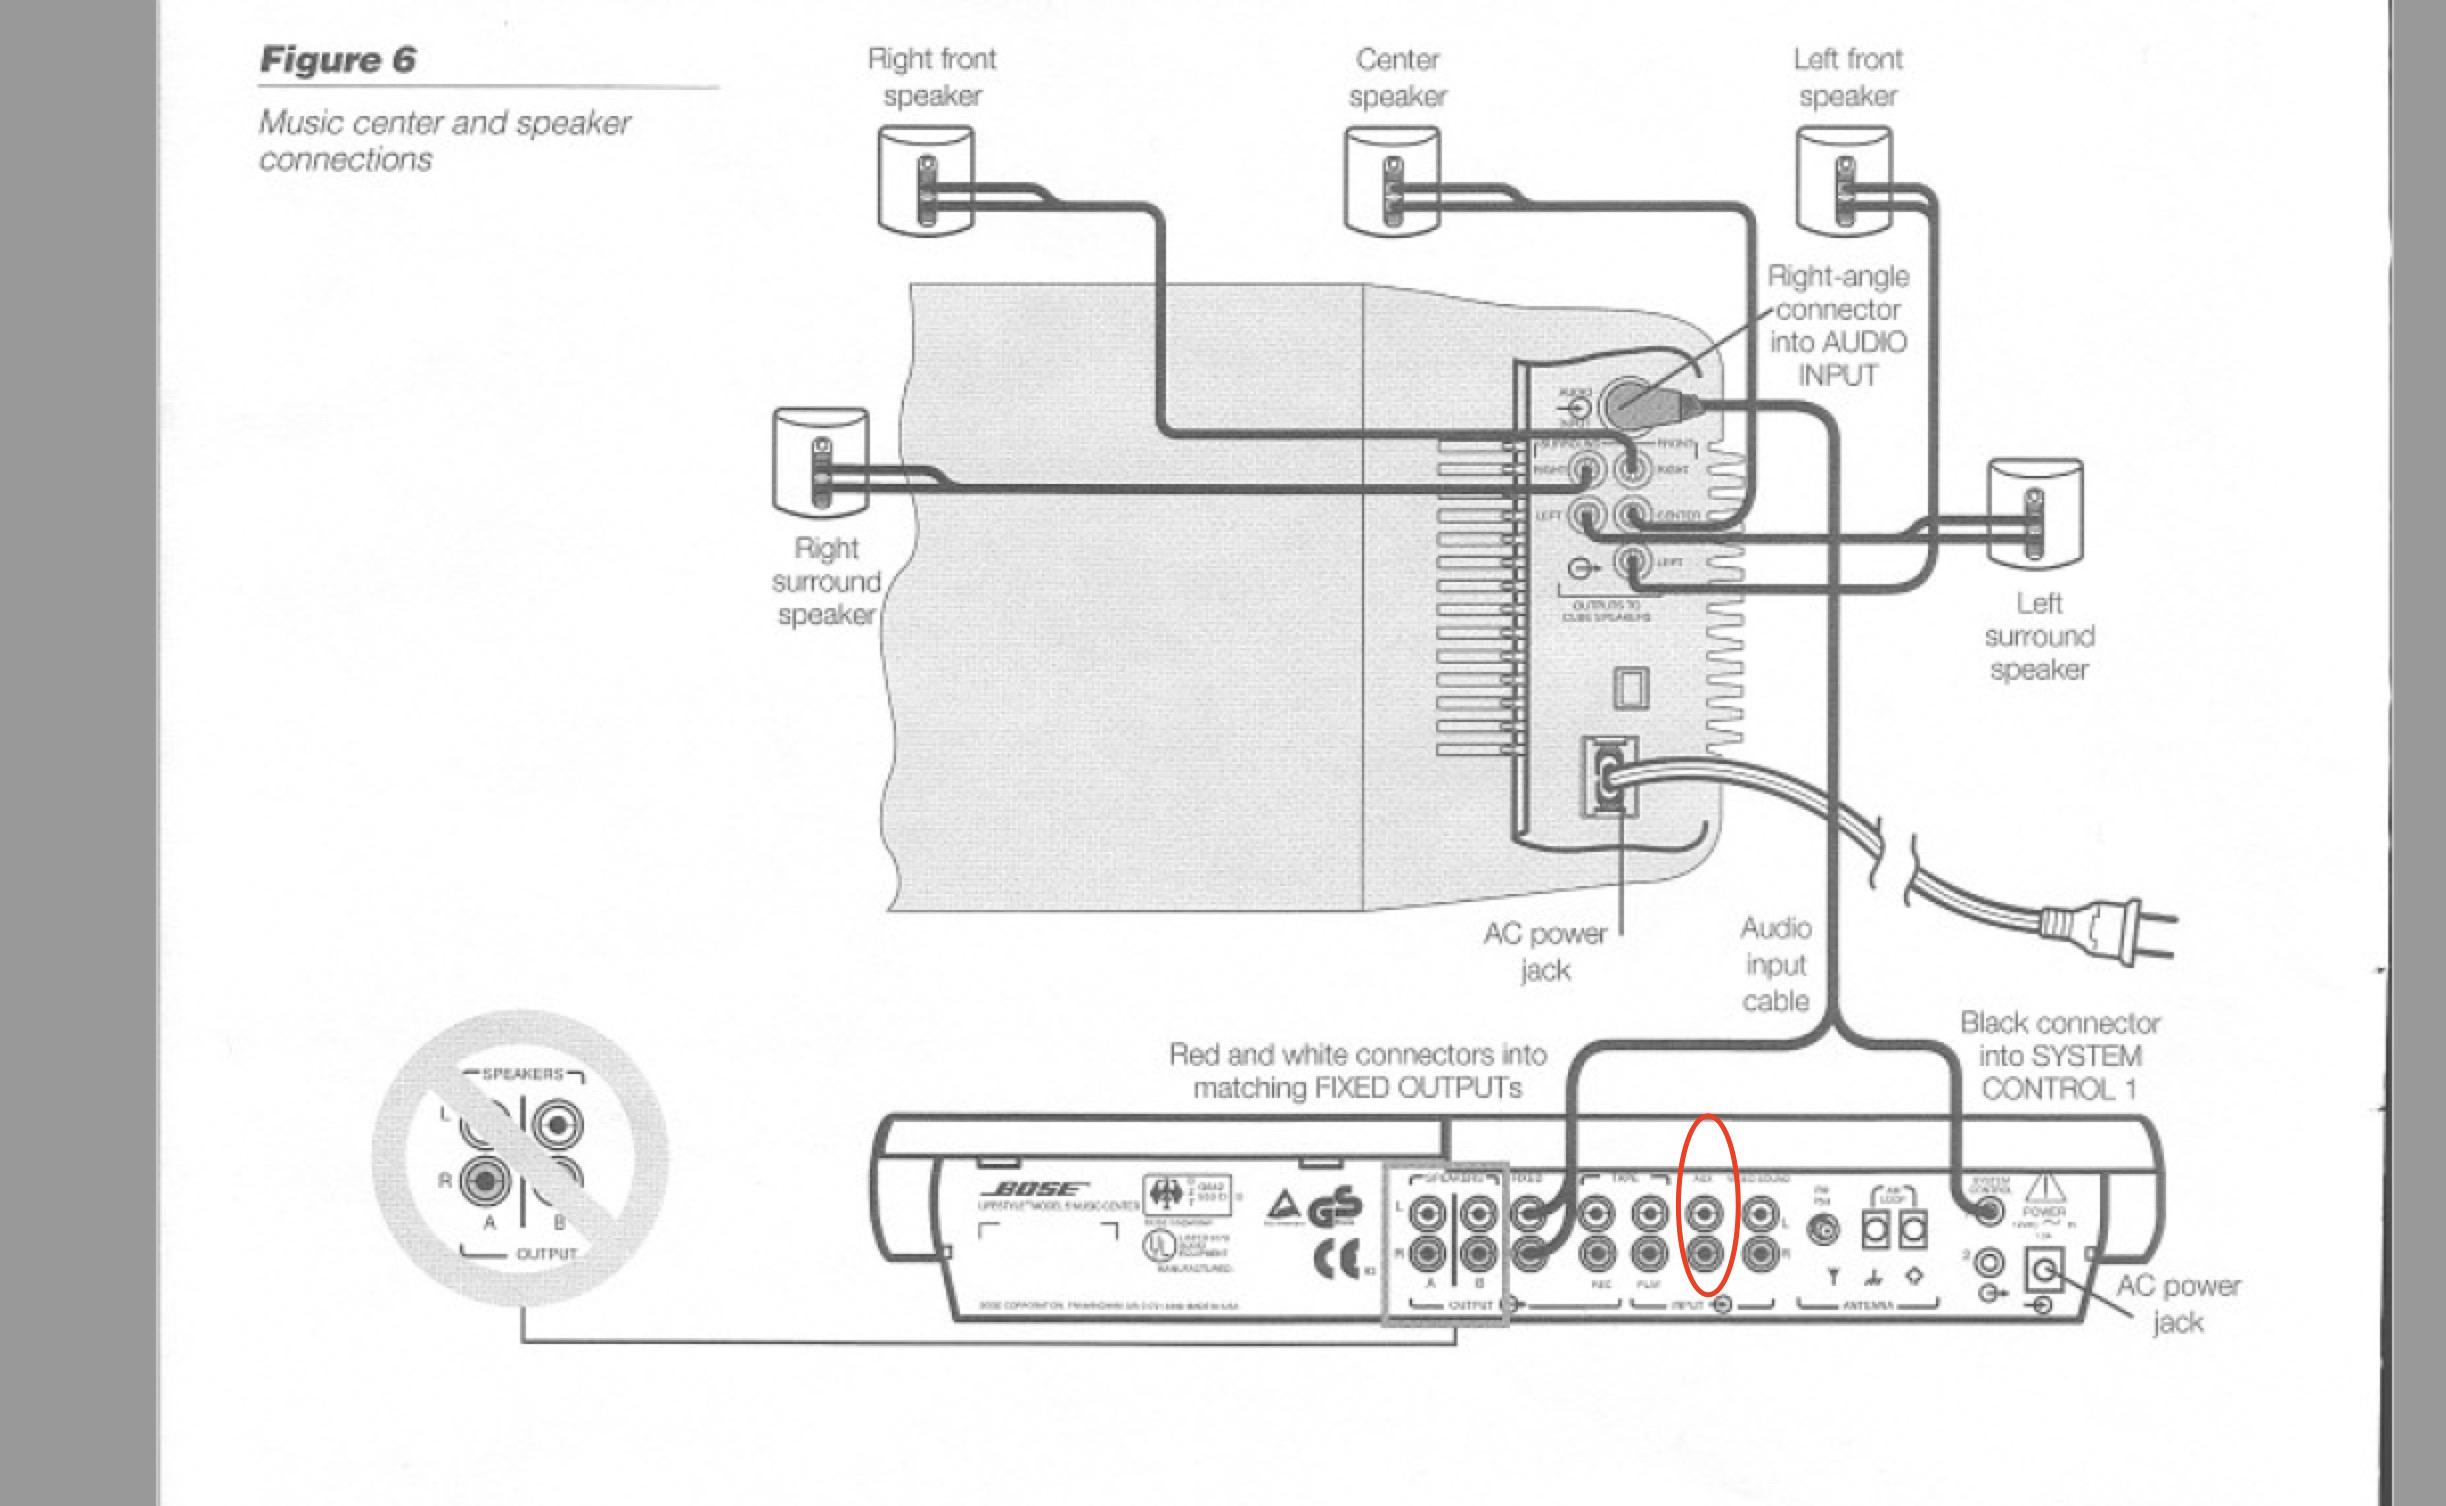 Bose Surround Sound Wiring Diagram | Wiring Schematic ... on